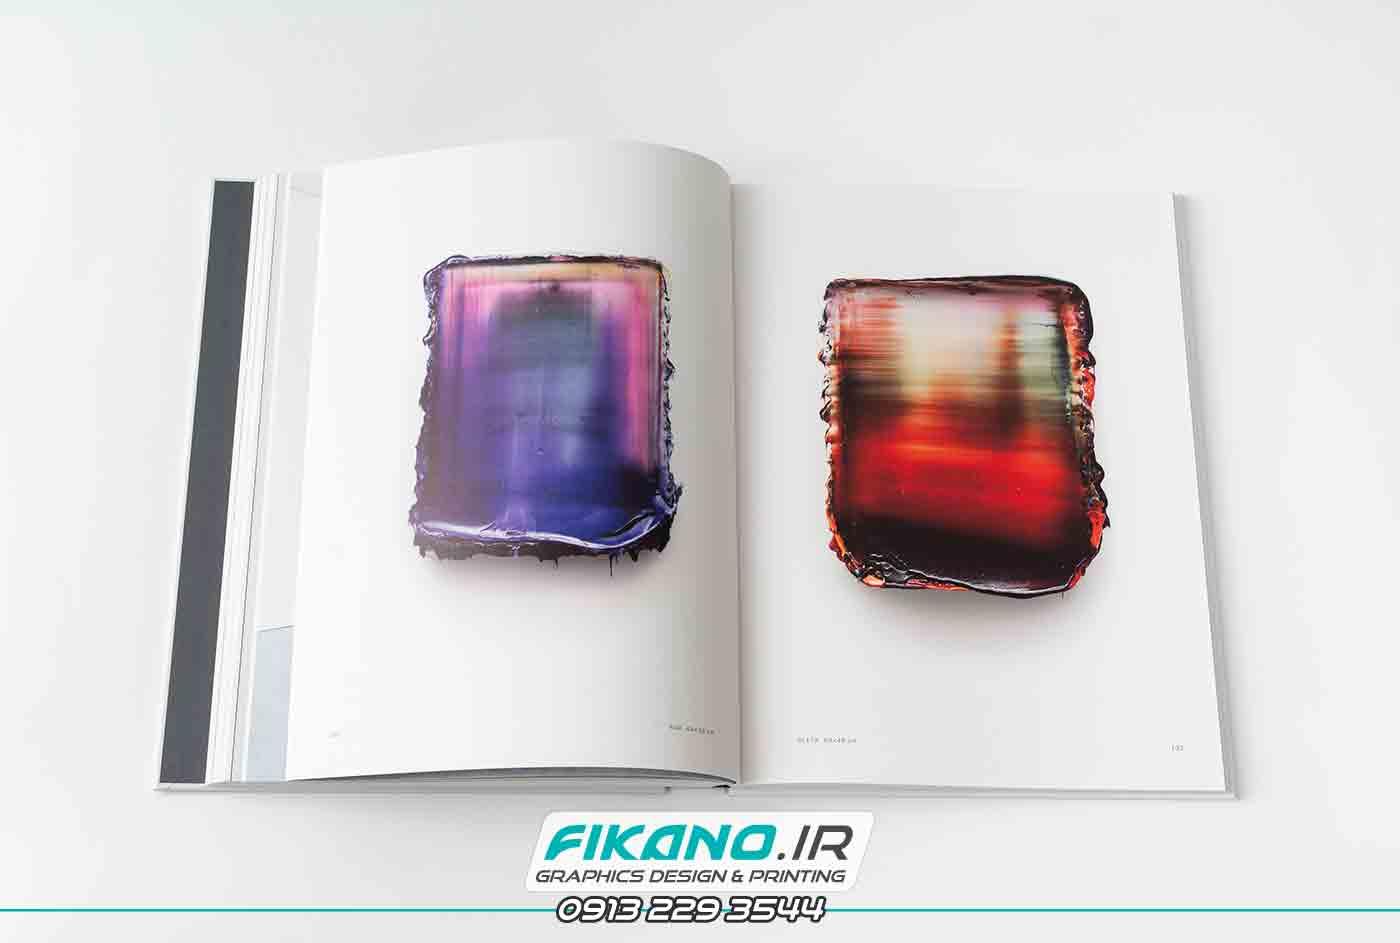 سفارش طراحی کتاب و صفحه آرایی کتاب و مجلات - وب سایت فیکانو www.fikano.ir